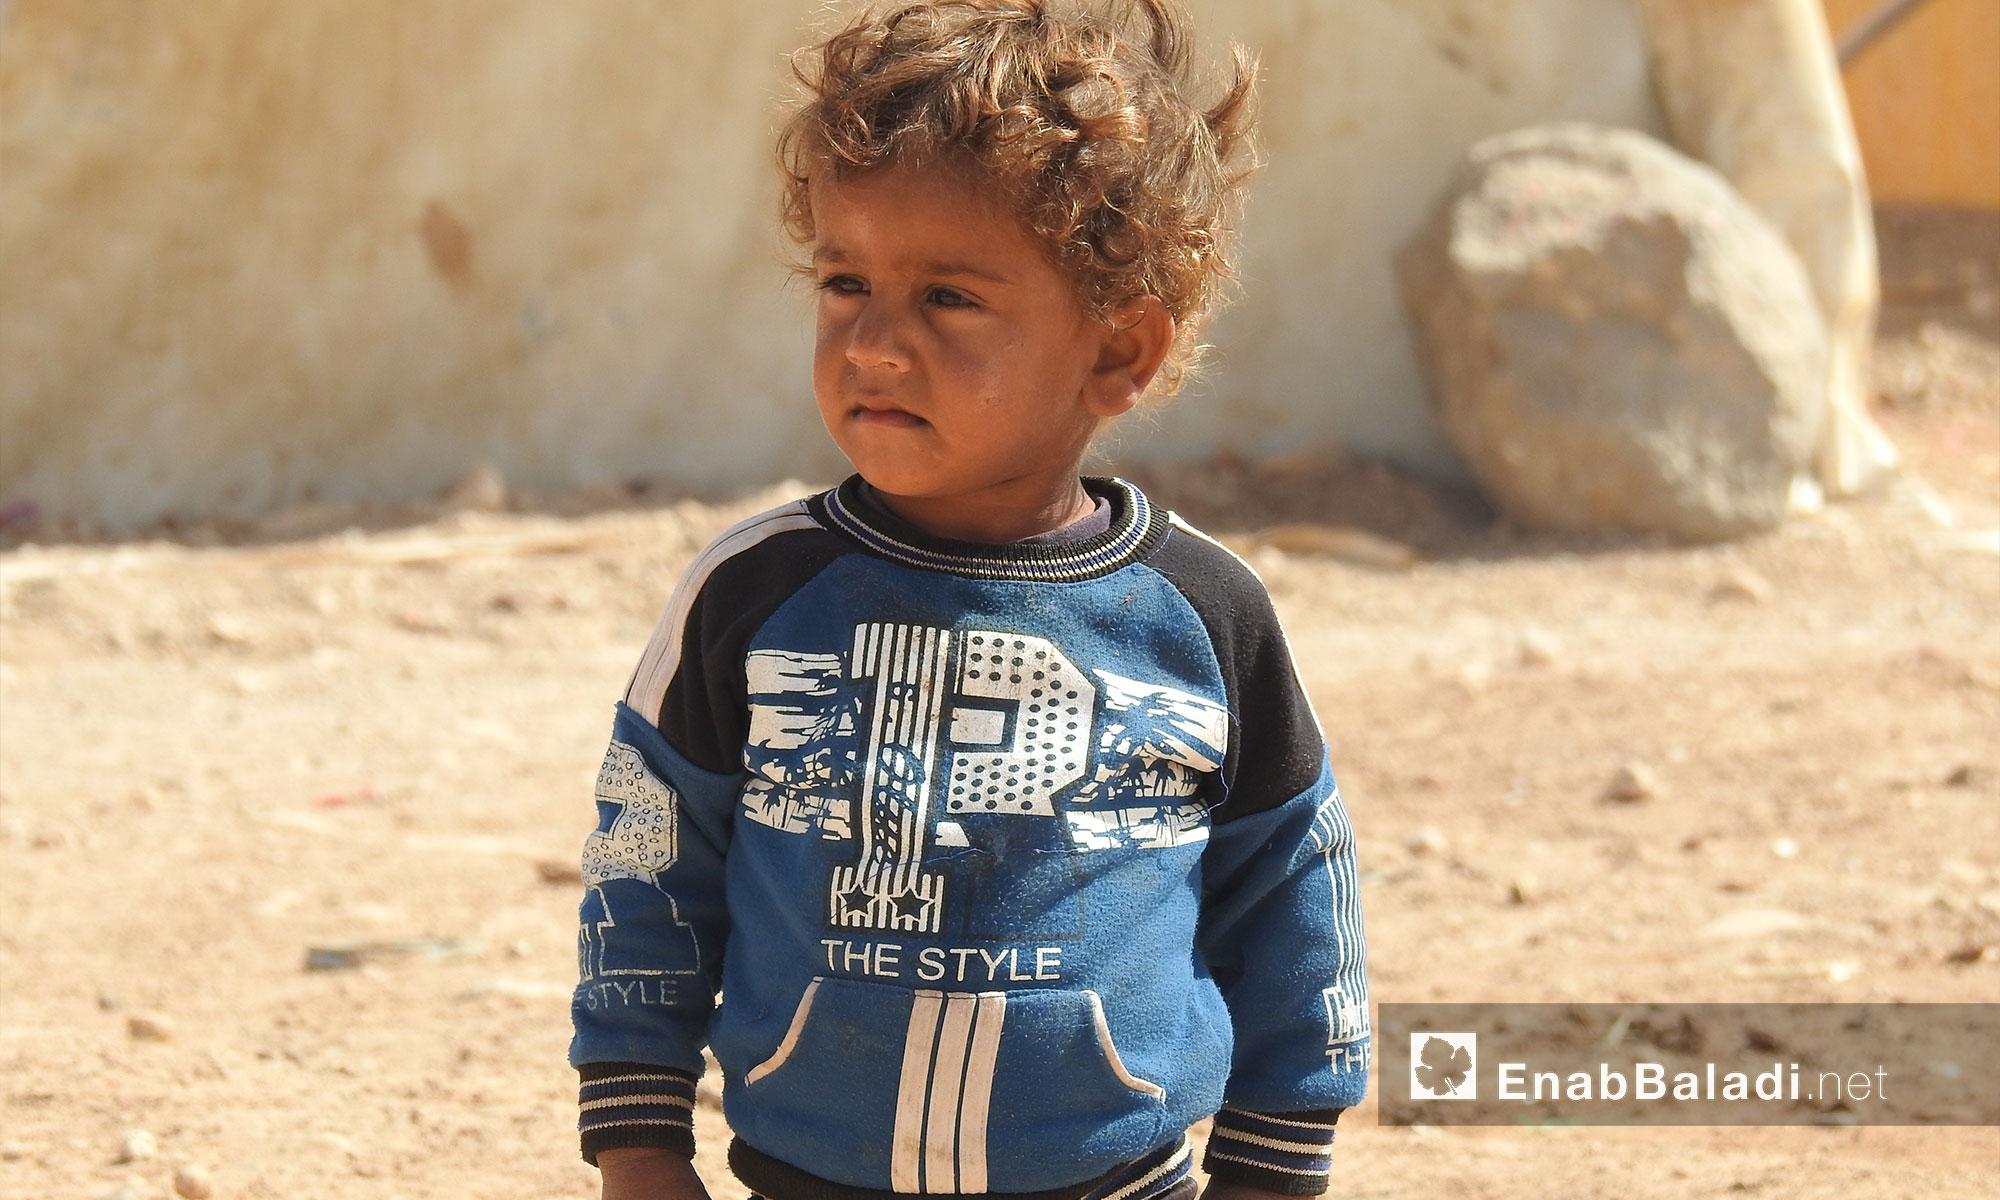 أطفال في مخيمات النزوح العشوائية - ريف حلب الشمالي - 8 تشرين الأول 2017 (عنب بلدي)